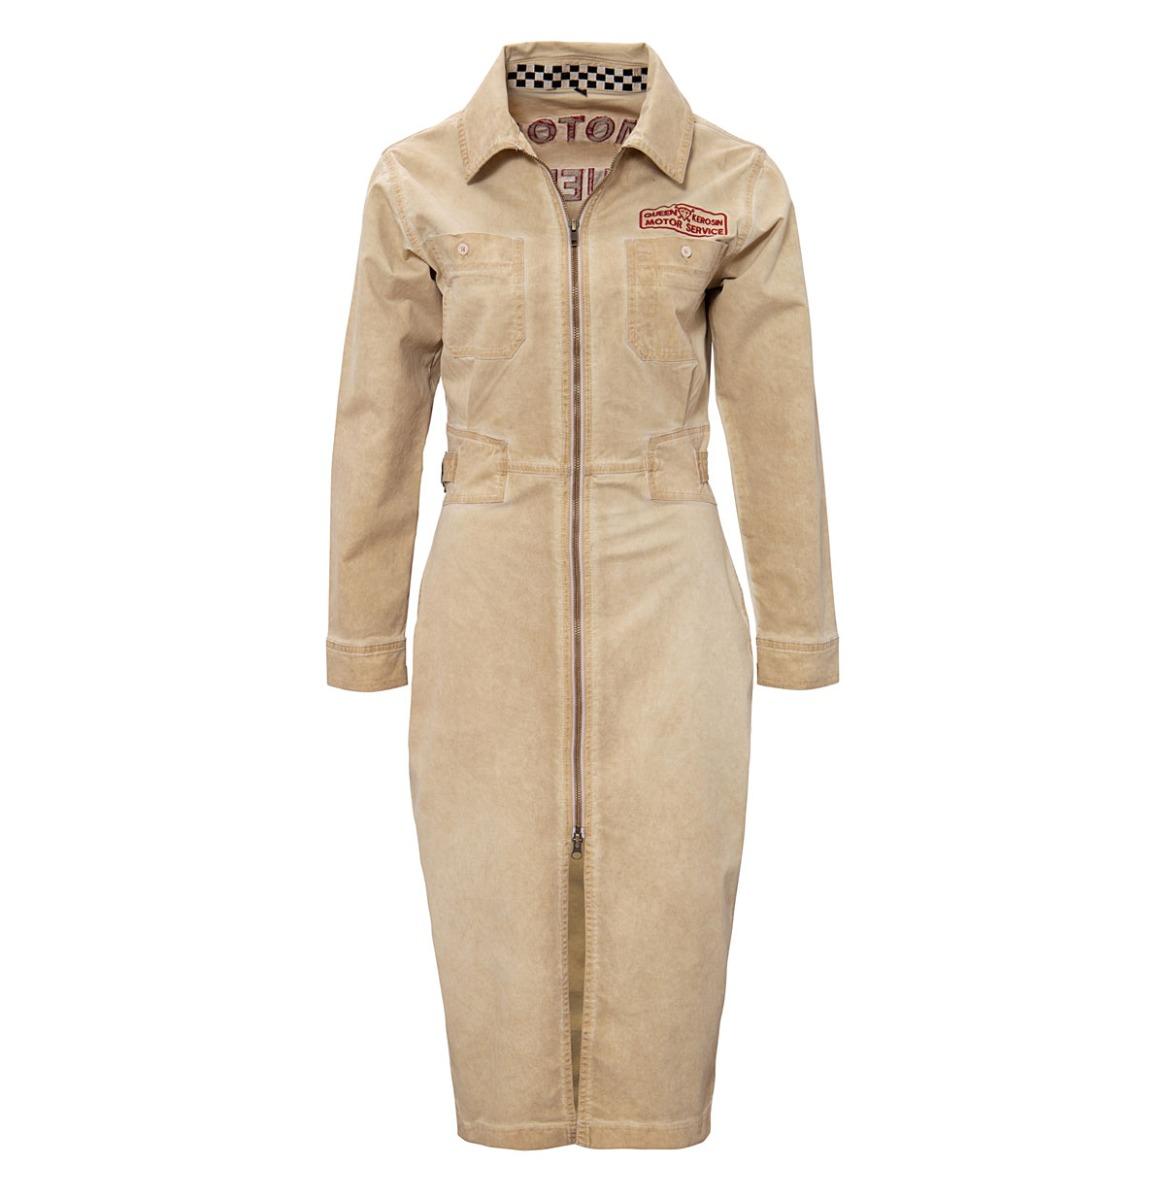 Queen Kerosin Workwear Jurk Motor Service Beige